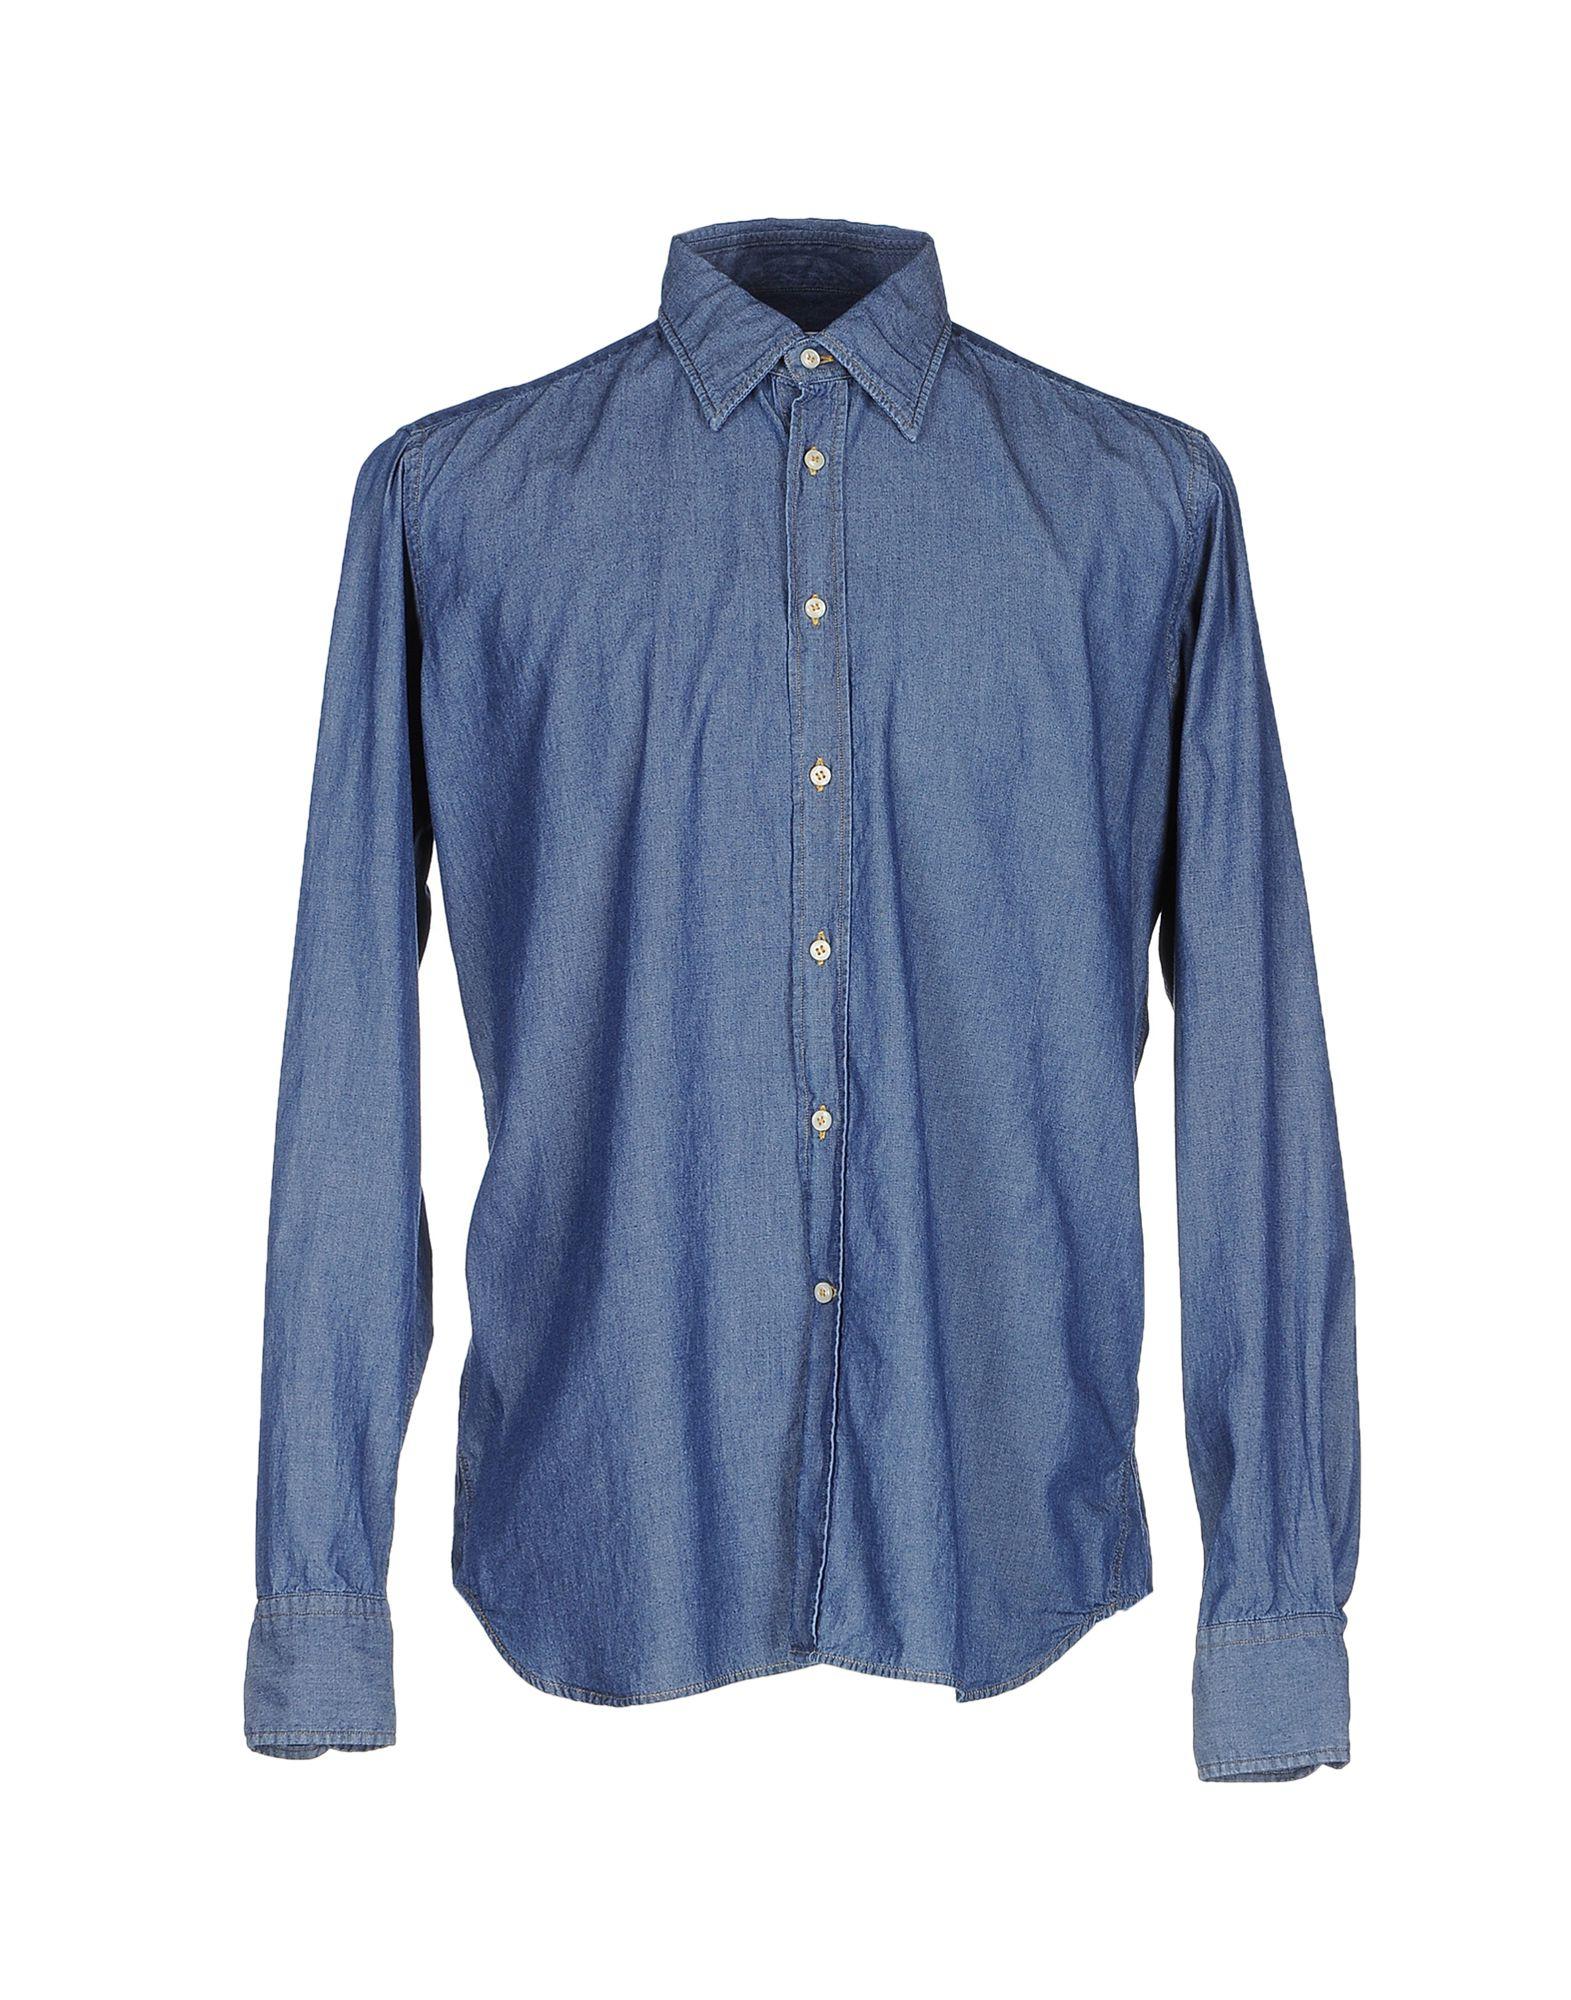 BEVILACQUA Джинсовая рубашка bevilacqua pубашка